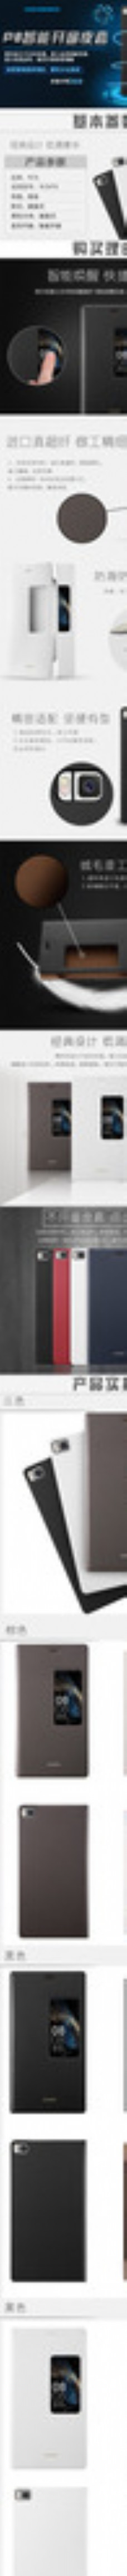 手机壳描述详情页图片